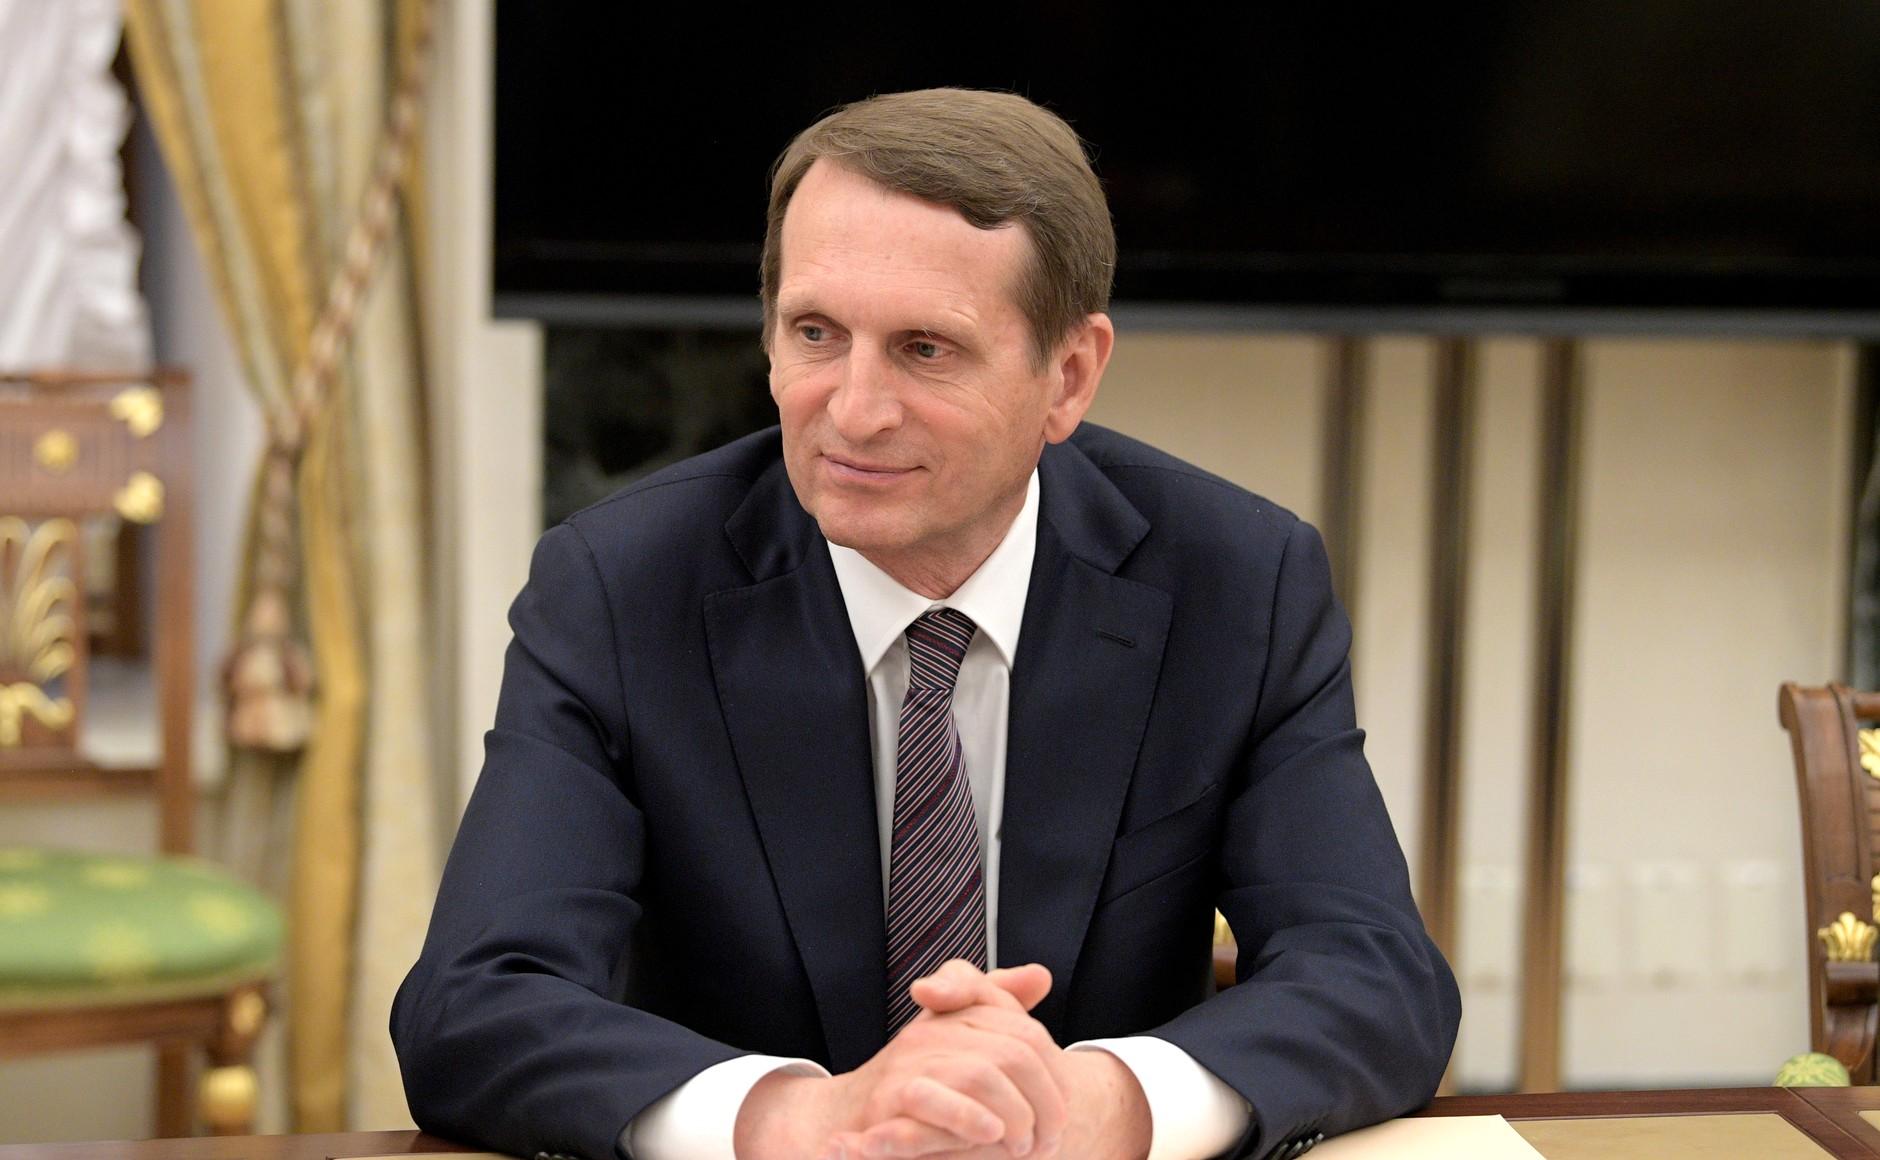 Нарышкин назвал высылку дипломатов РФ «грязной провокацией»